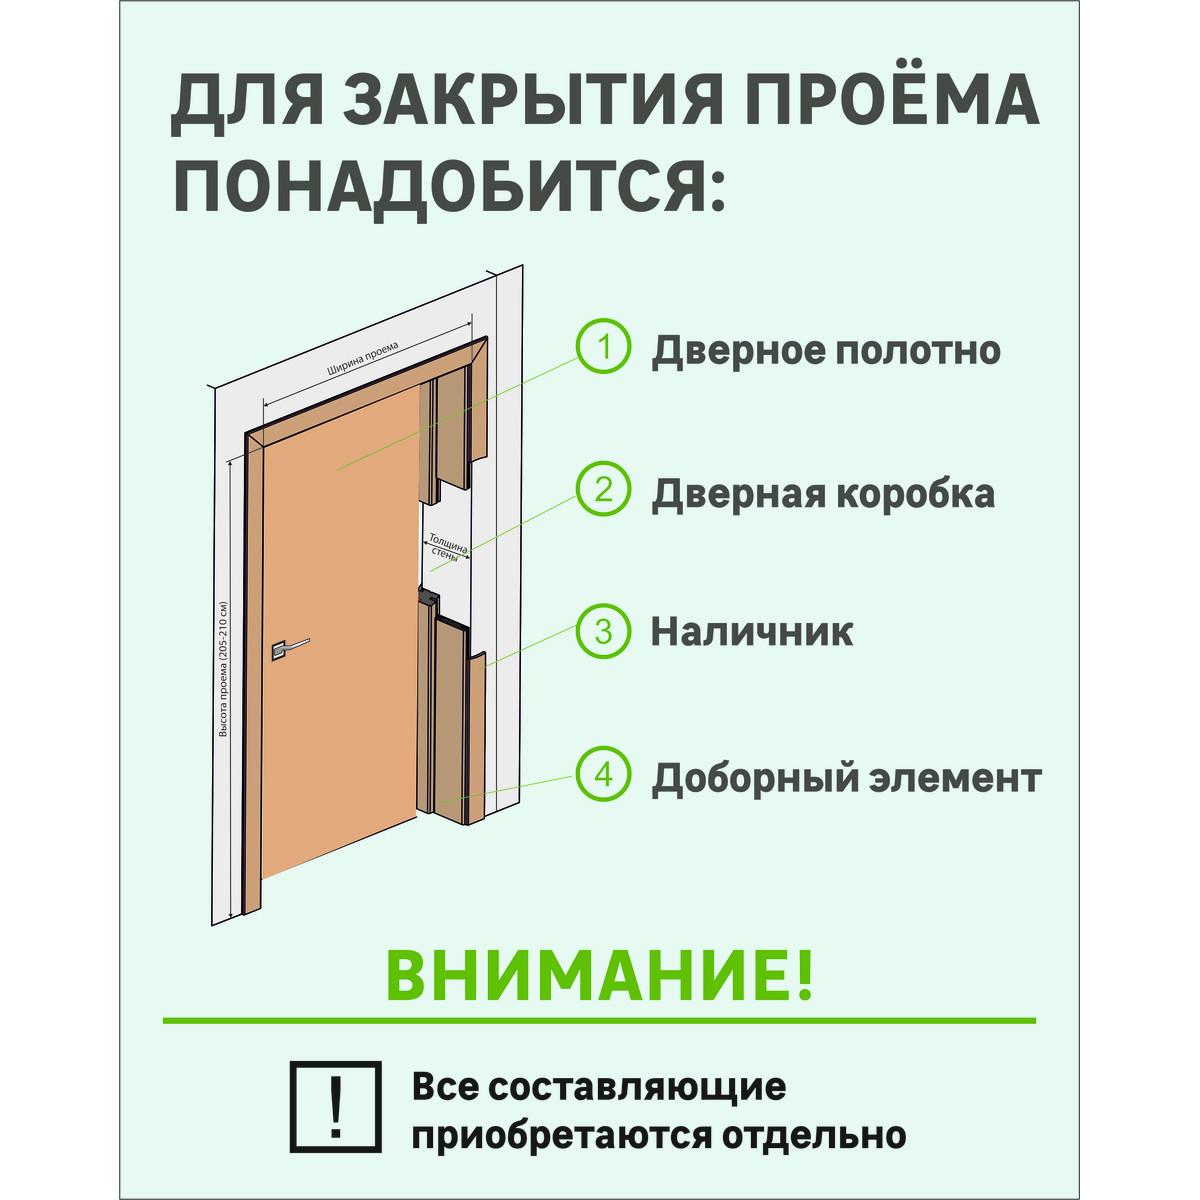 Дверь Межкомнатная Остеклённая Бэлла 60x200 Ламинация Цвет Мокко С Фурнитурой